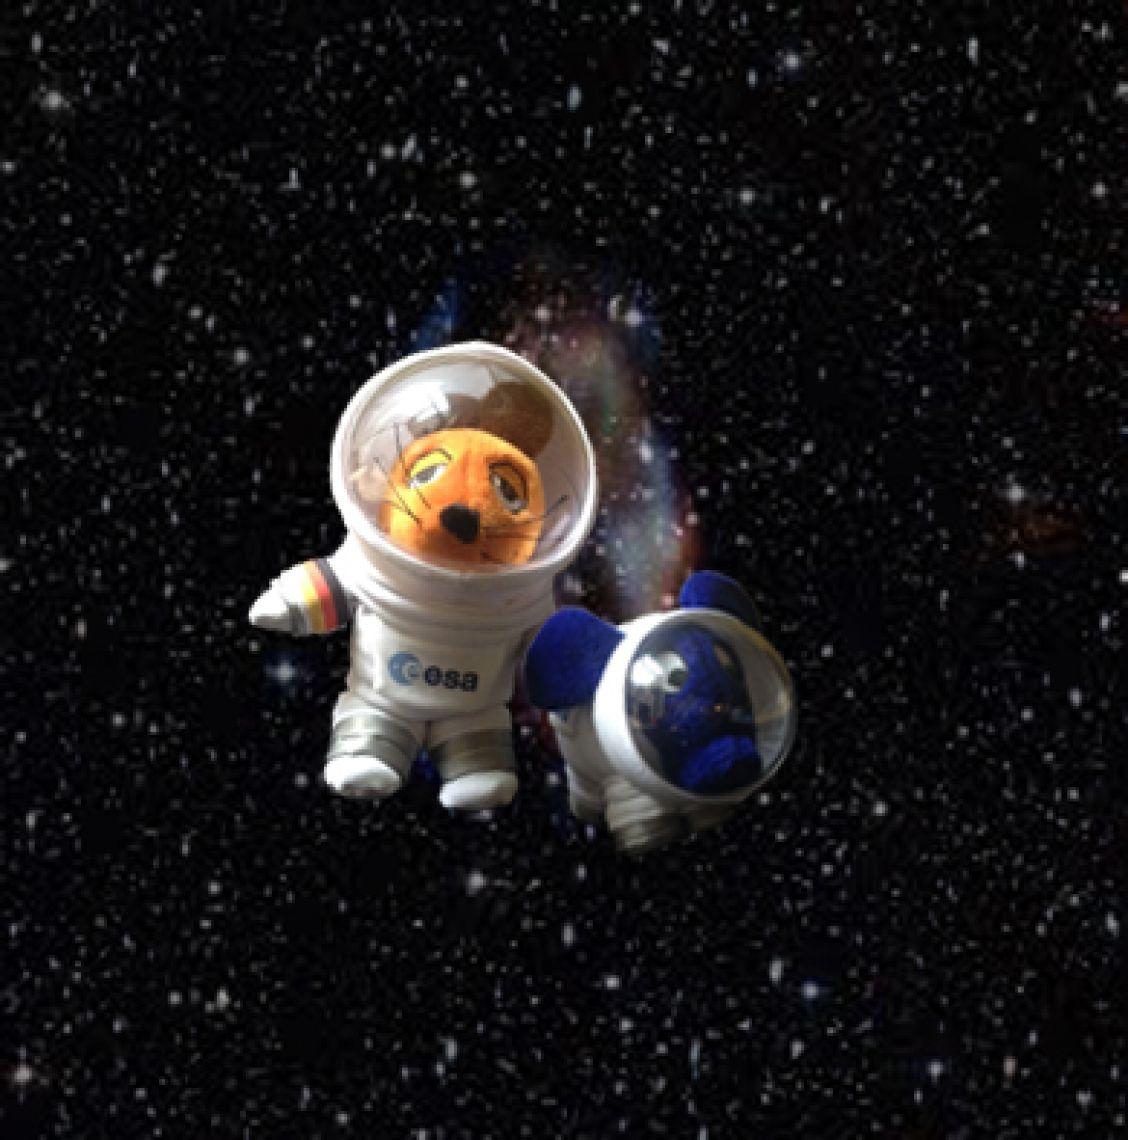 Maus und Elefant in unserem Weltraumanzügen und derzeit mit Astro-Alex im All!!!